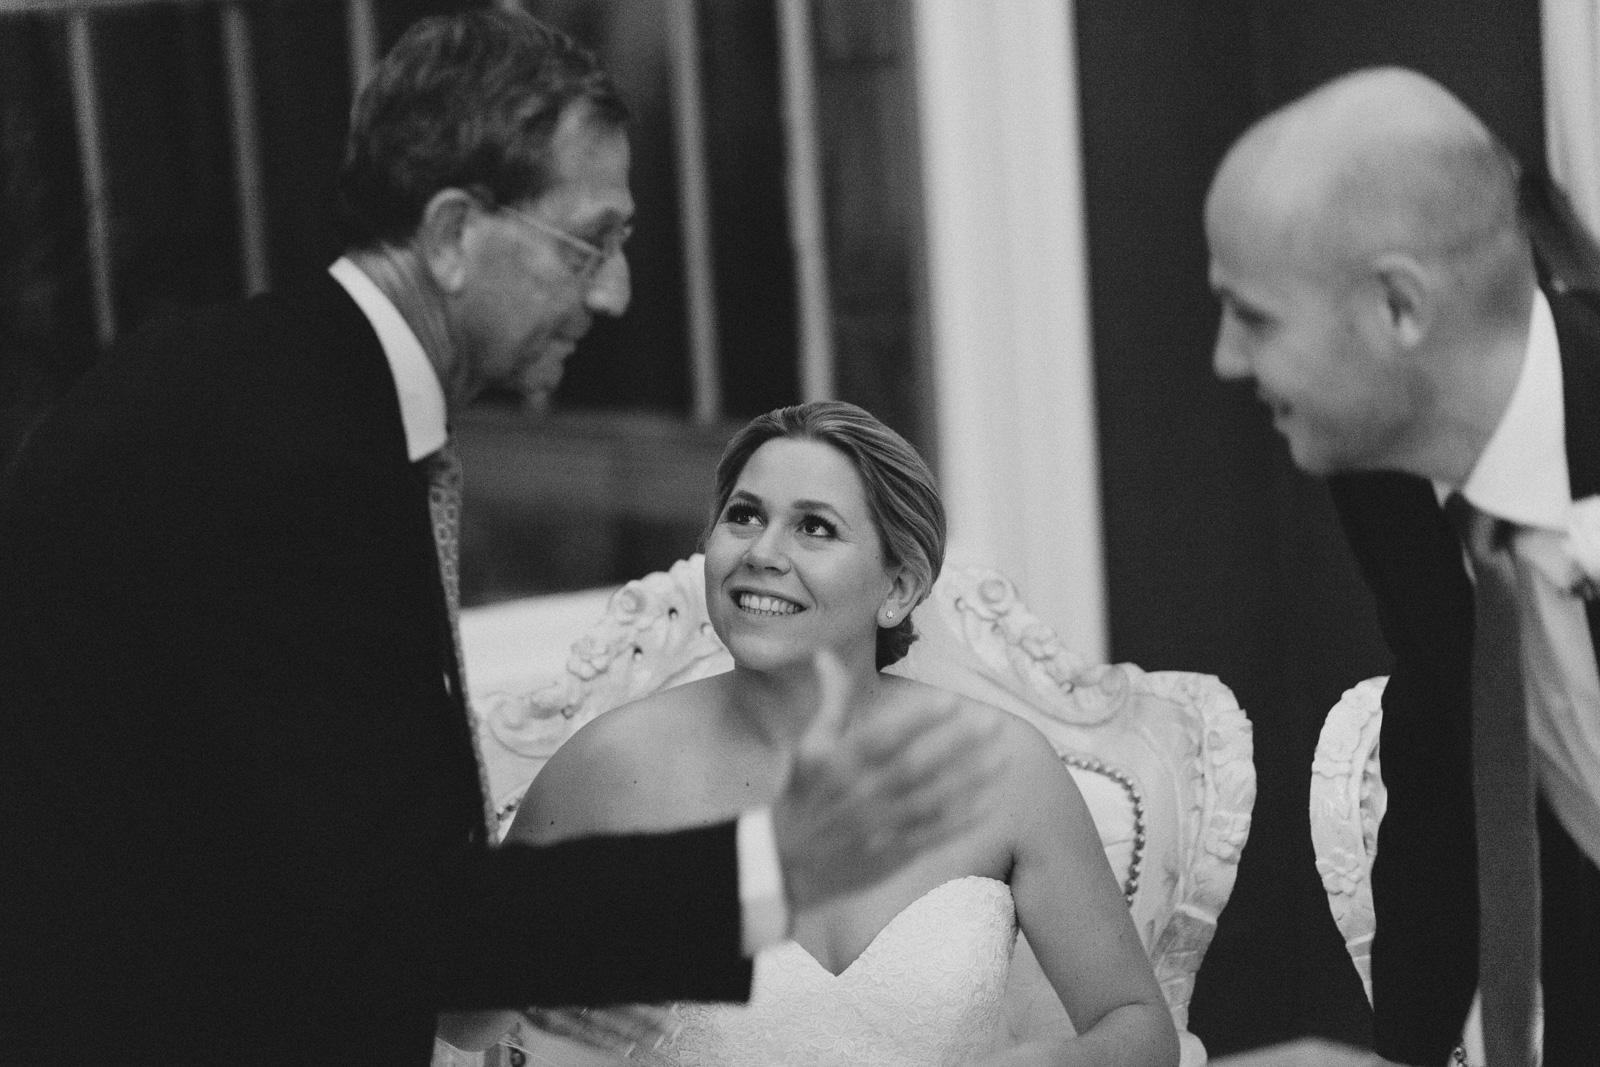 Evabloem_wedding_martine-en-jurriaan-12.jpg